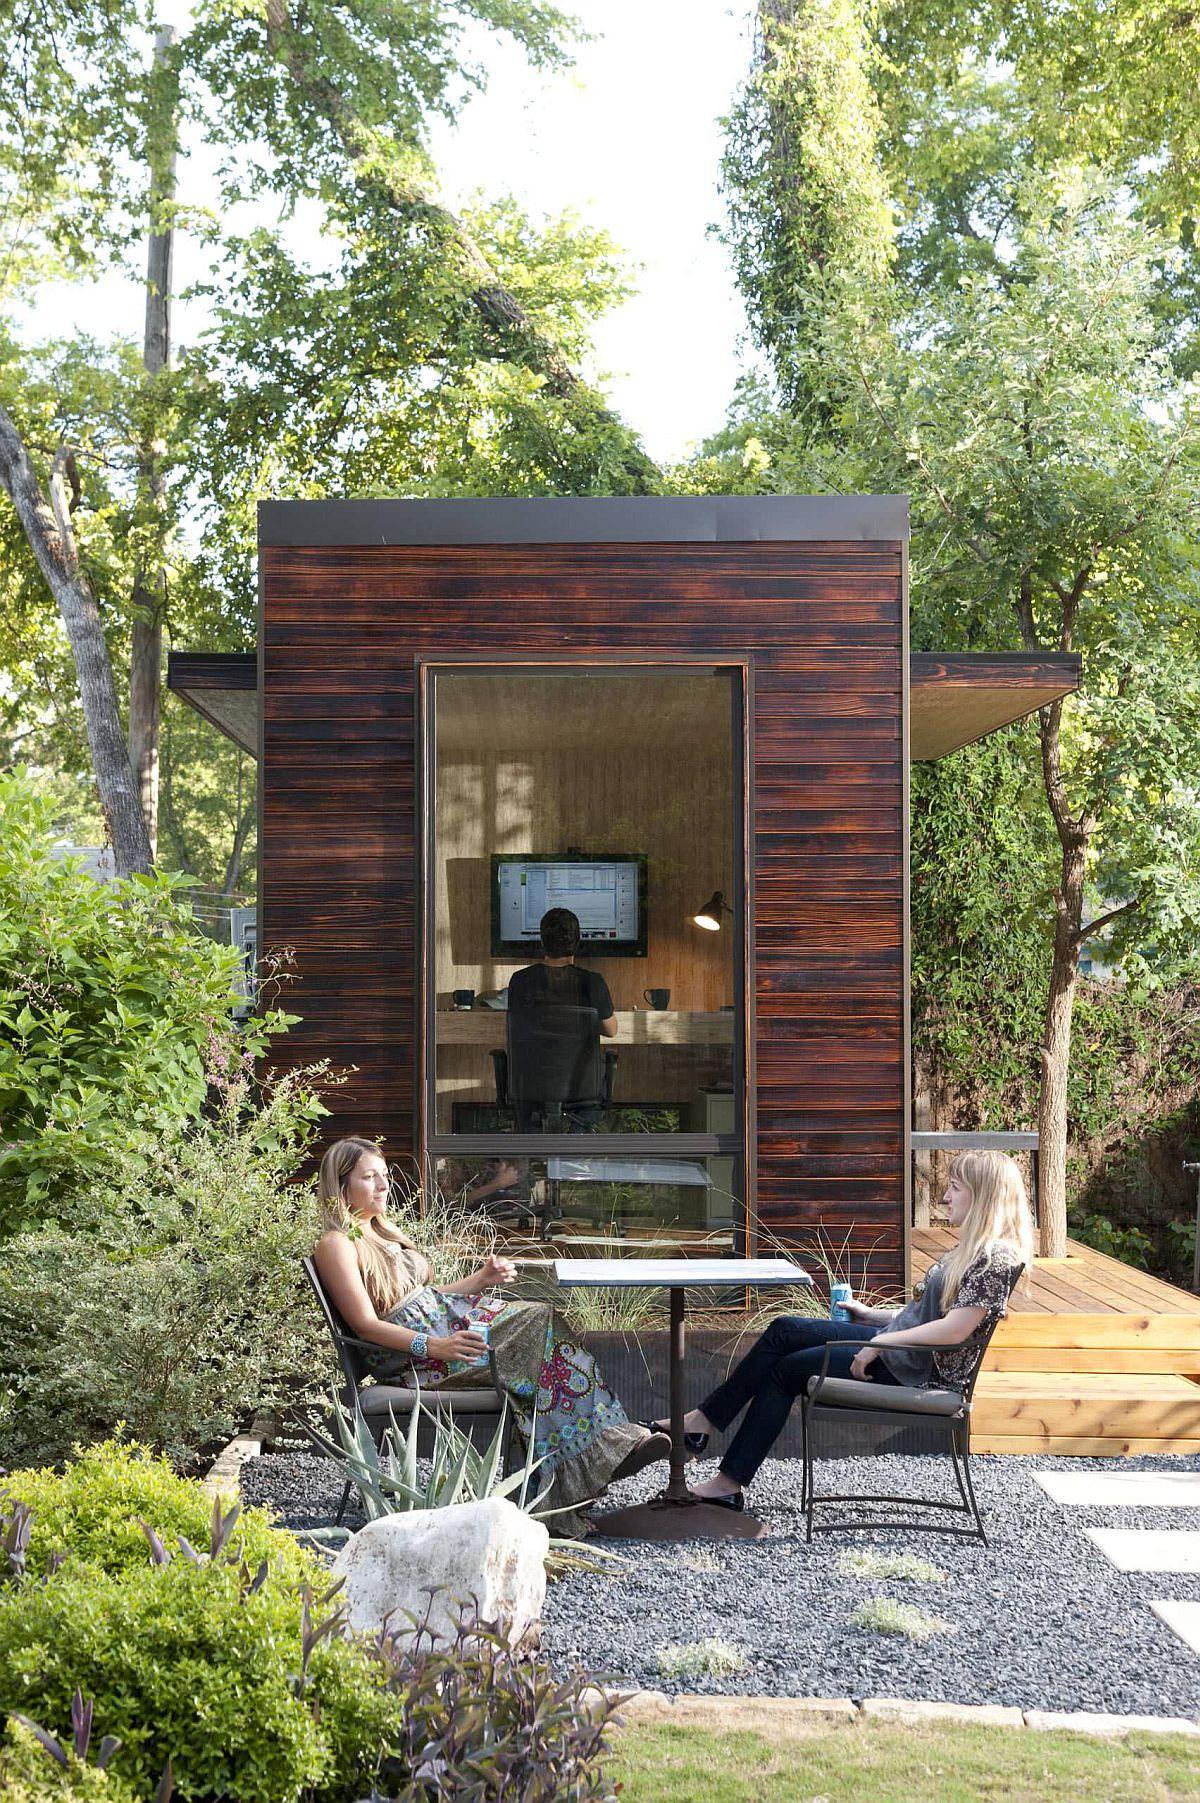 Le petit bureau à domicile dans la cour arrière offre un espace de travail paisible